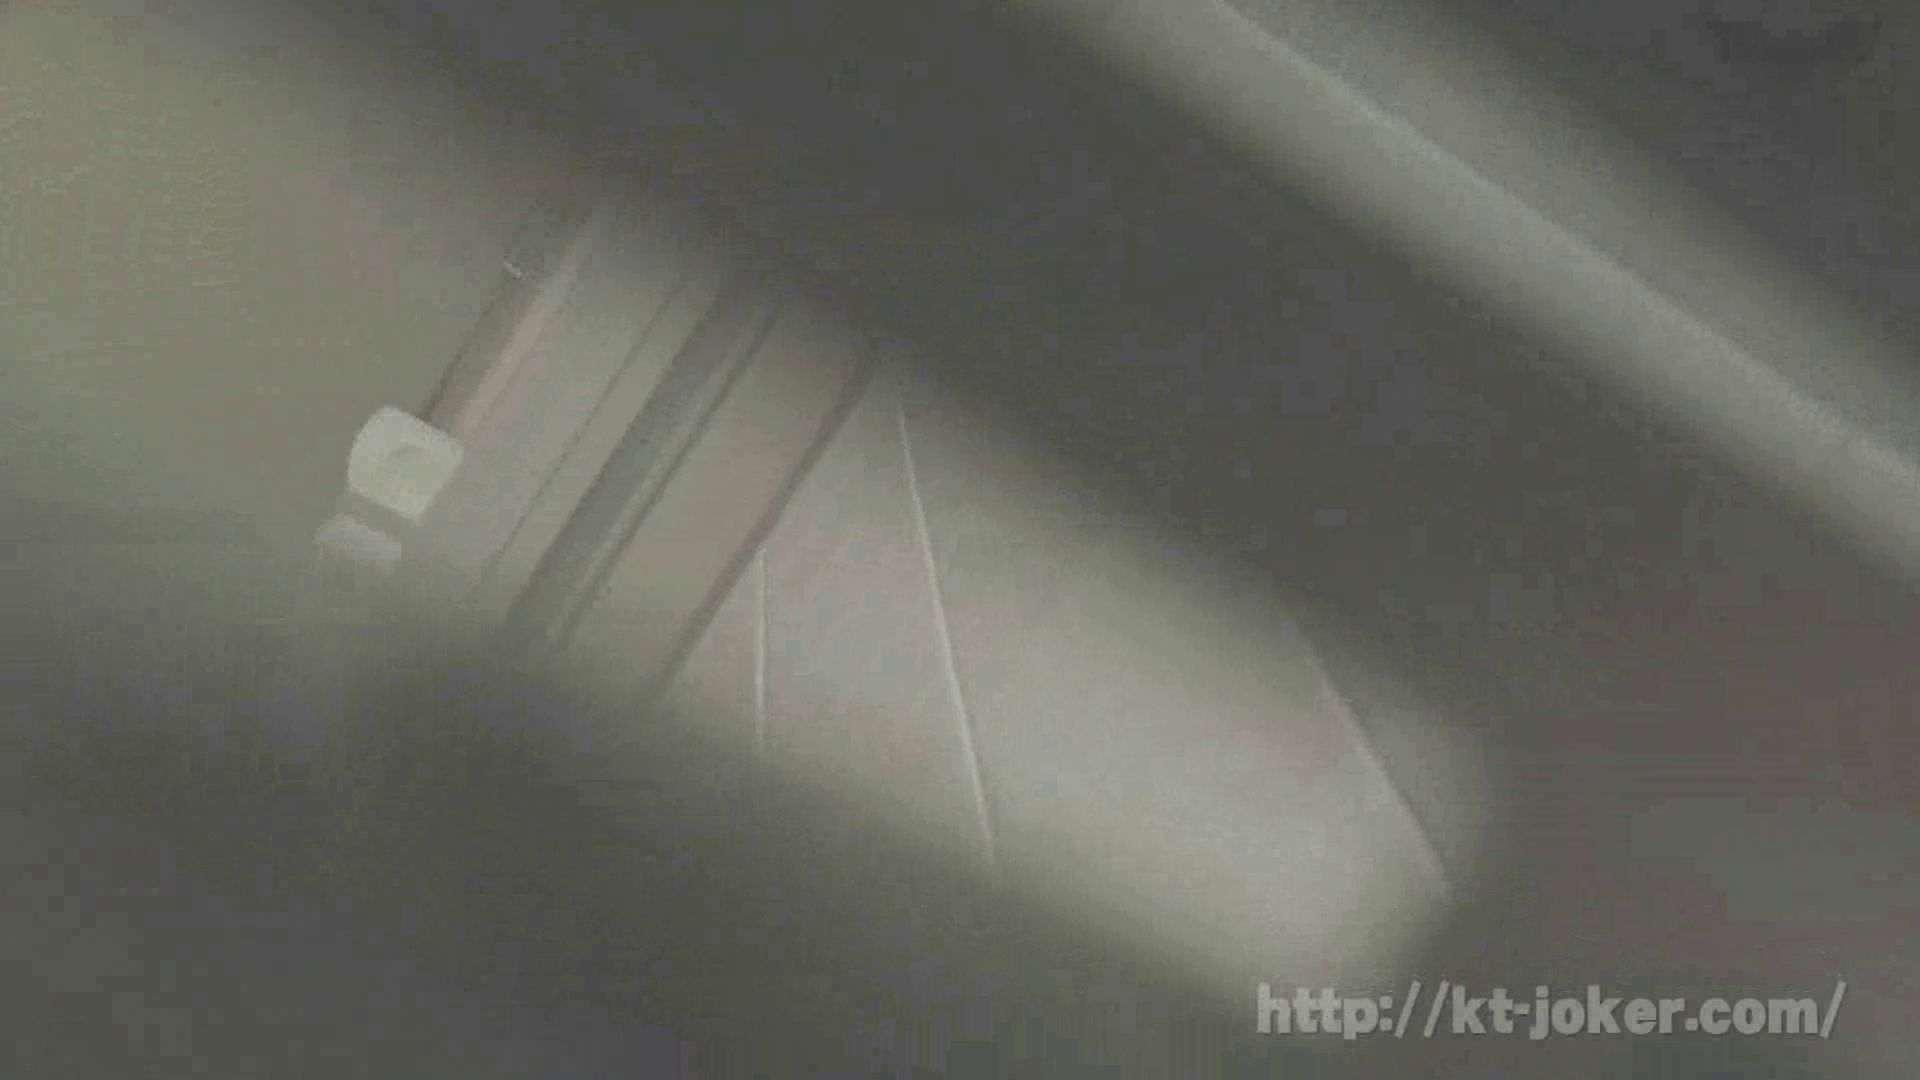 命がけ潜伏洗面所! vol.69 あのかわいい子がついフロント撮り実演 OLセックス   プライベート  58画像 7